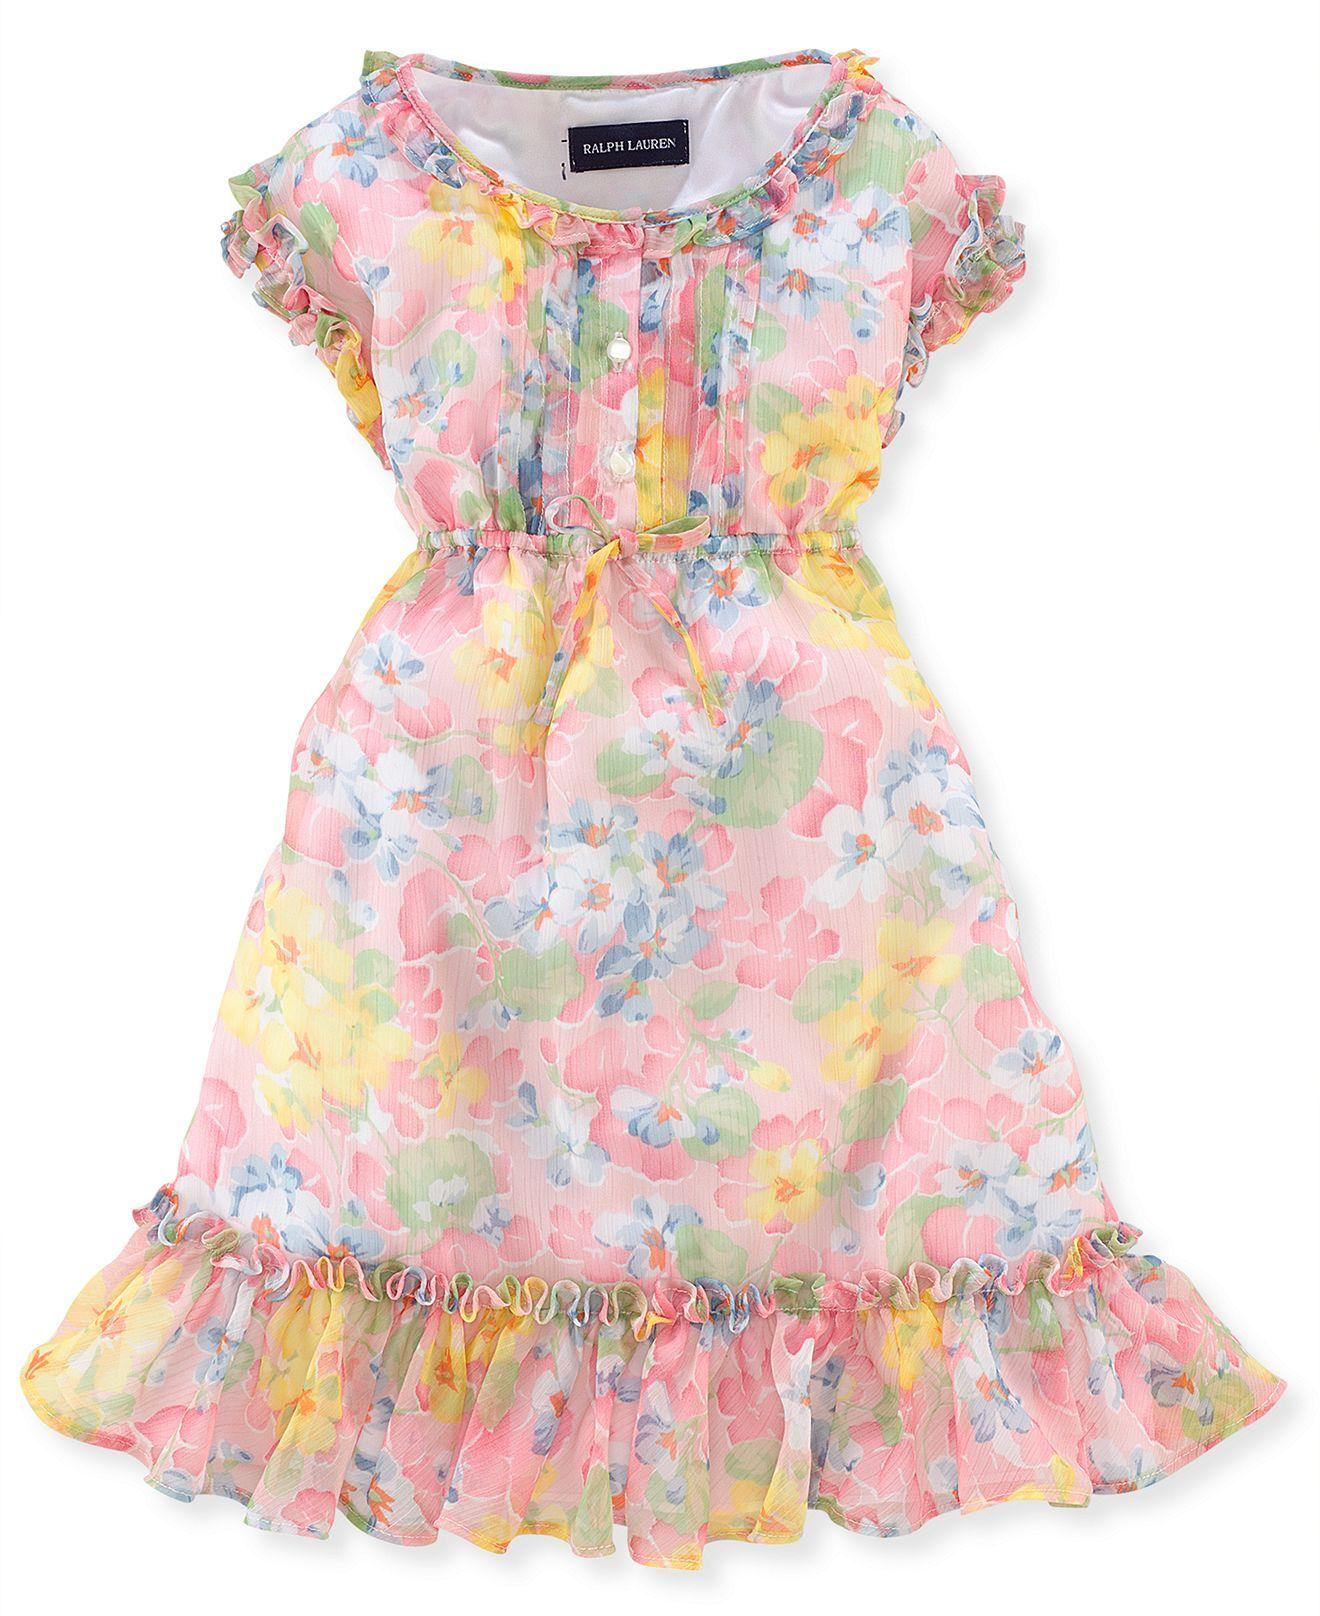 Polo Ralph Lauren Little Girls  Chiffon Dress - Kids Ralph Lauren Girls  2-6x - Macy s d823f44d5ac6